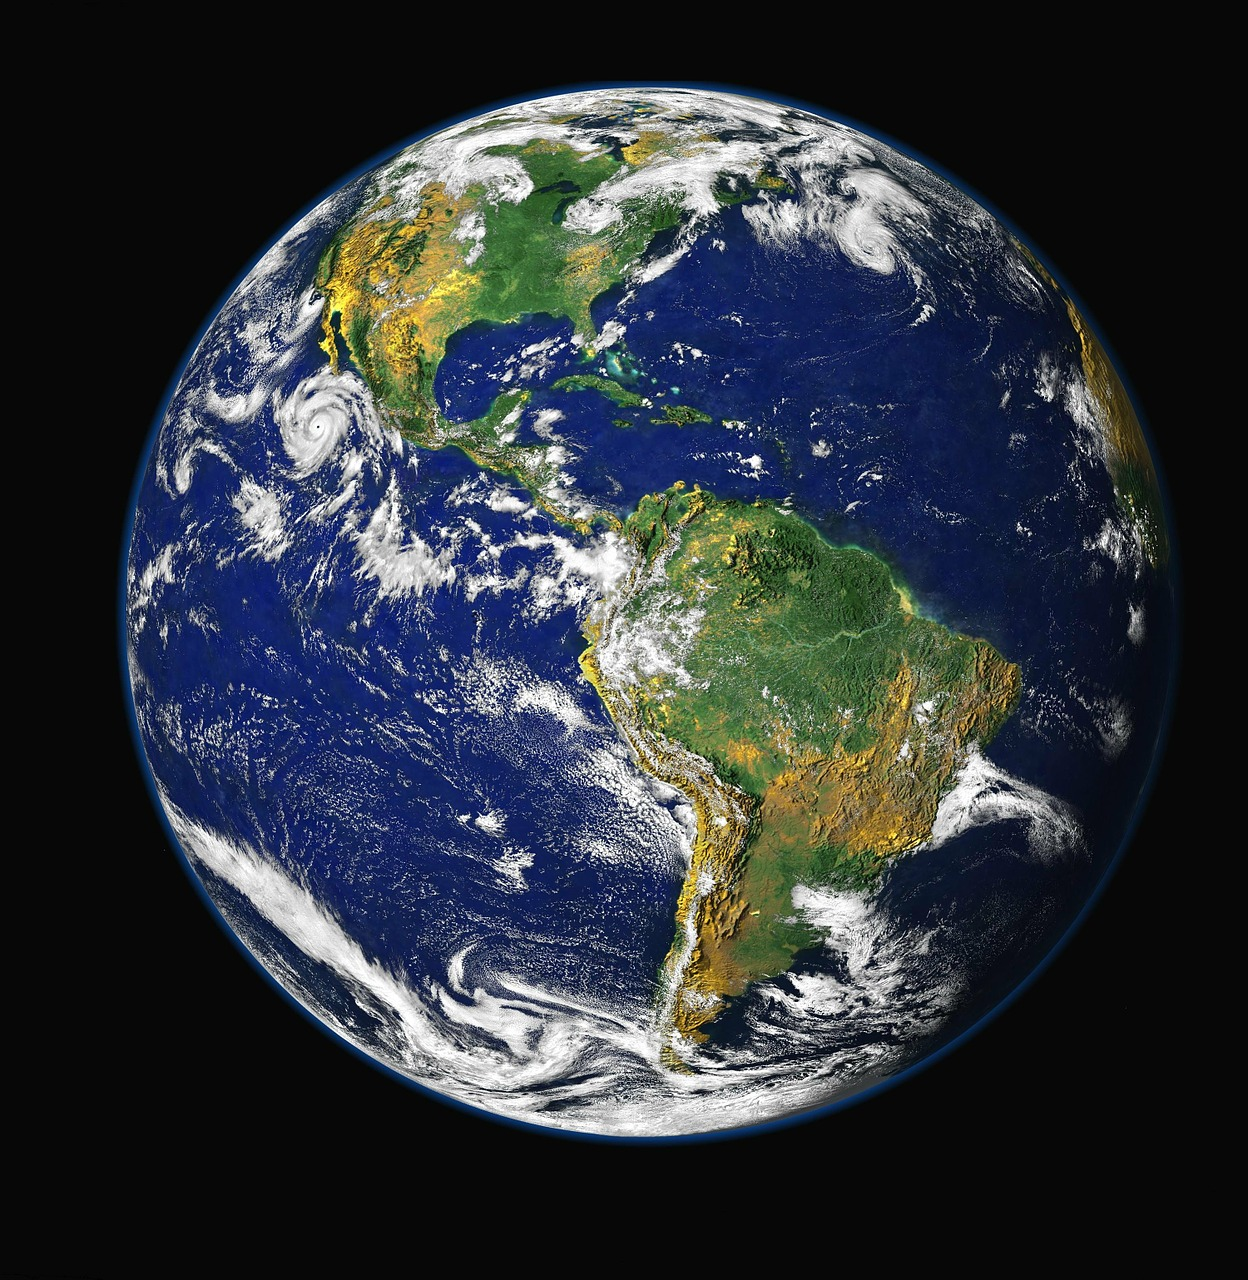 Šta bi se dogodilo kada bi se Zemlja okretala u suprotnom smjeru